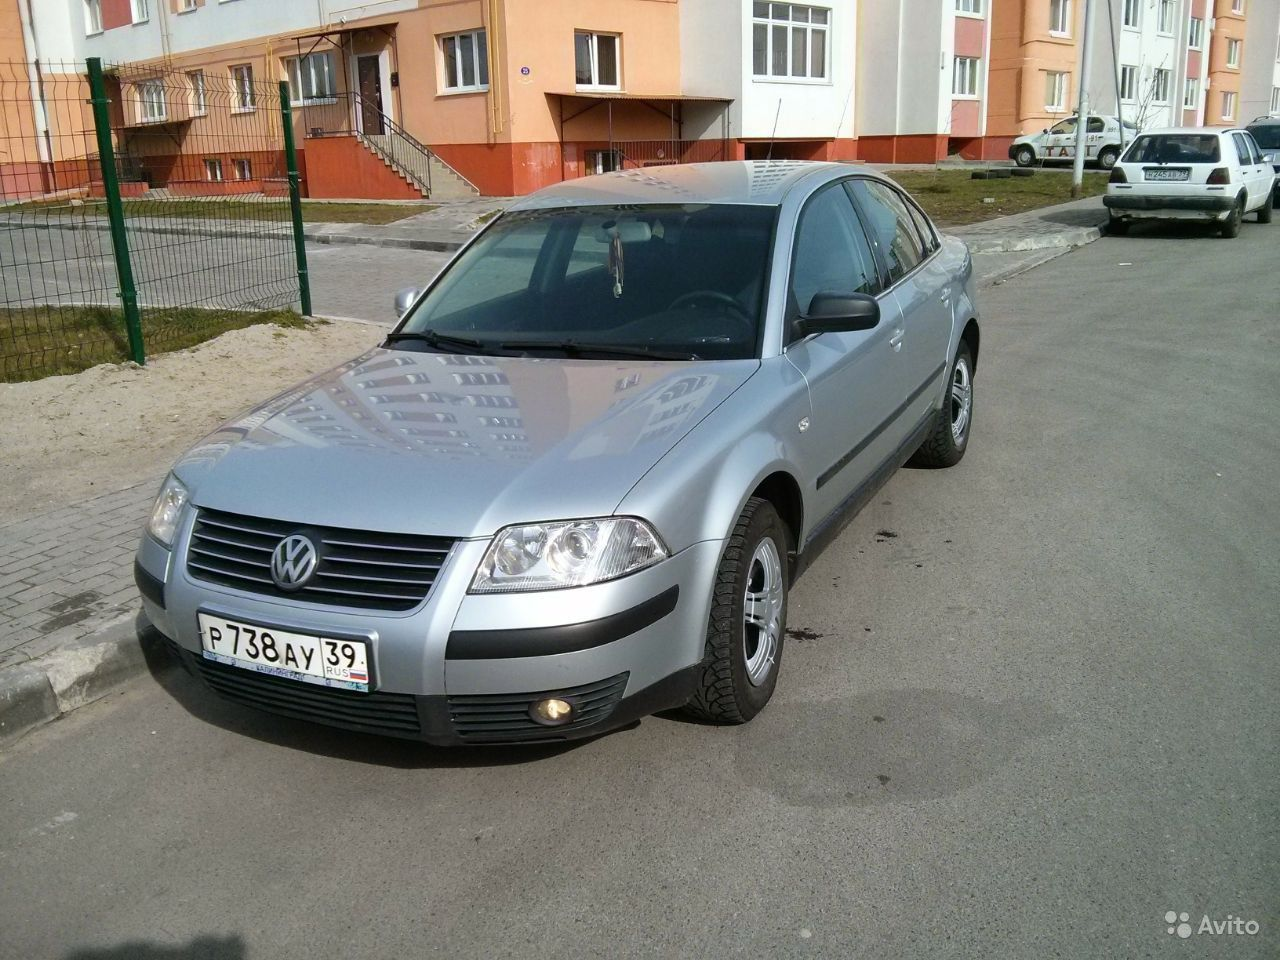 авито авто с пробегом татарстан фольцваген сс может быть верным